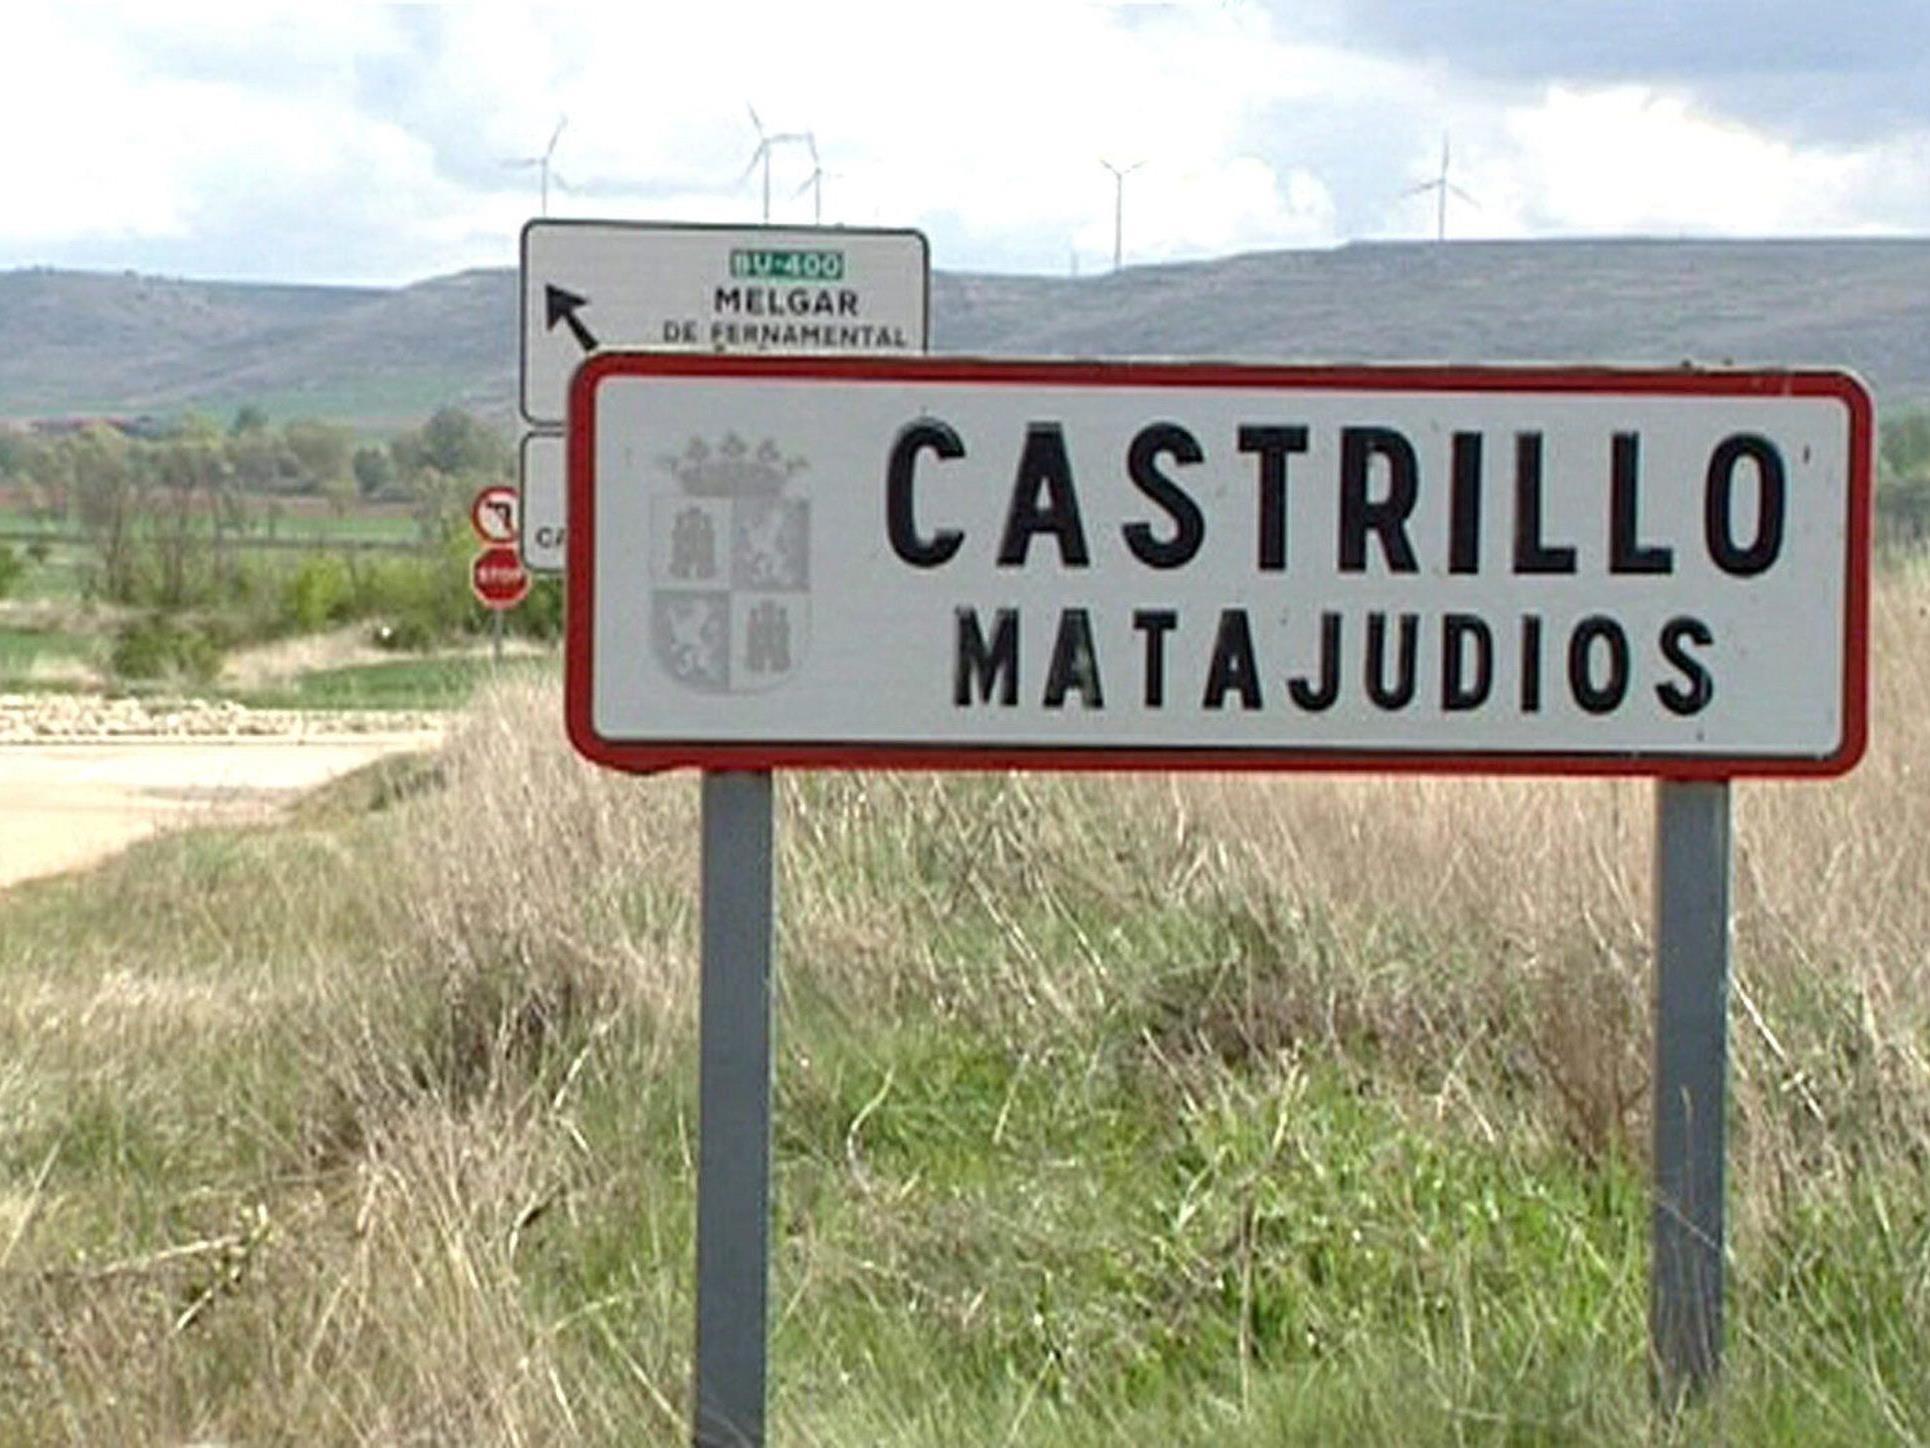 """""""Matajudios"""" stimmt gleichzeitig mit Europawahl über Namensänderung ab"""